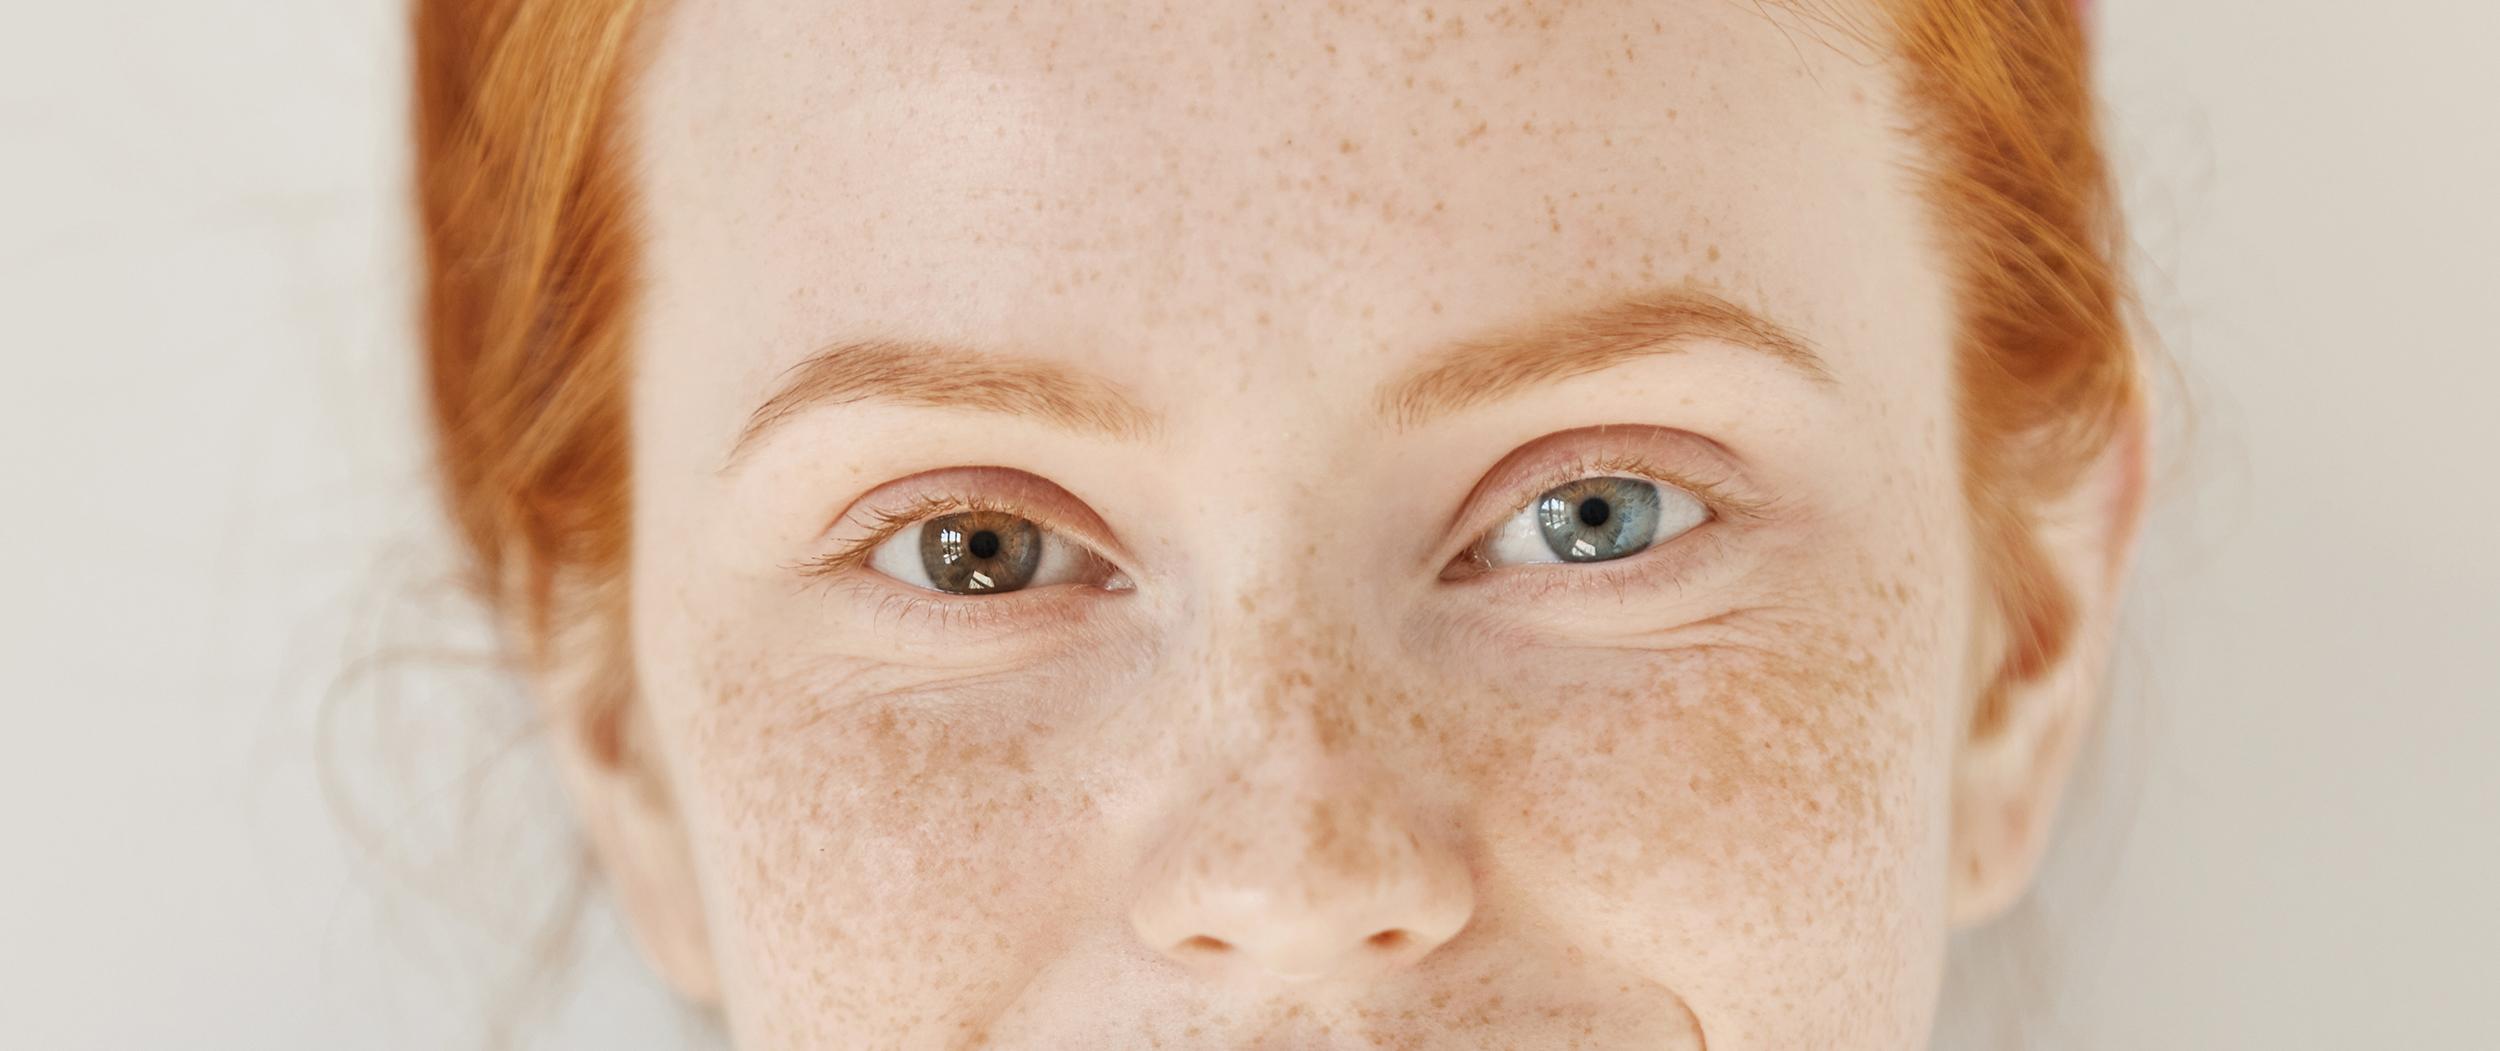 Mulher jovem, ruiva, com olhos de cores diferentes - heterocromia